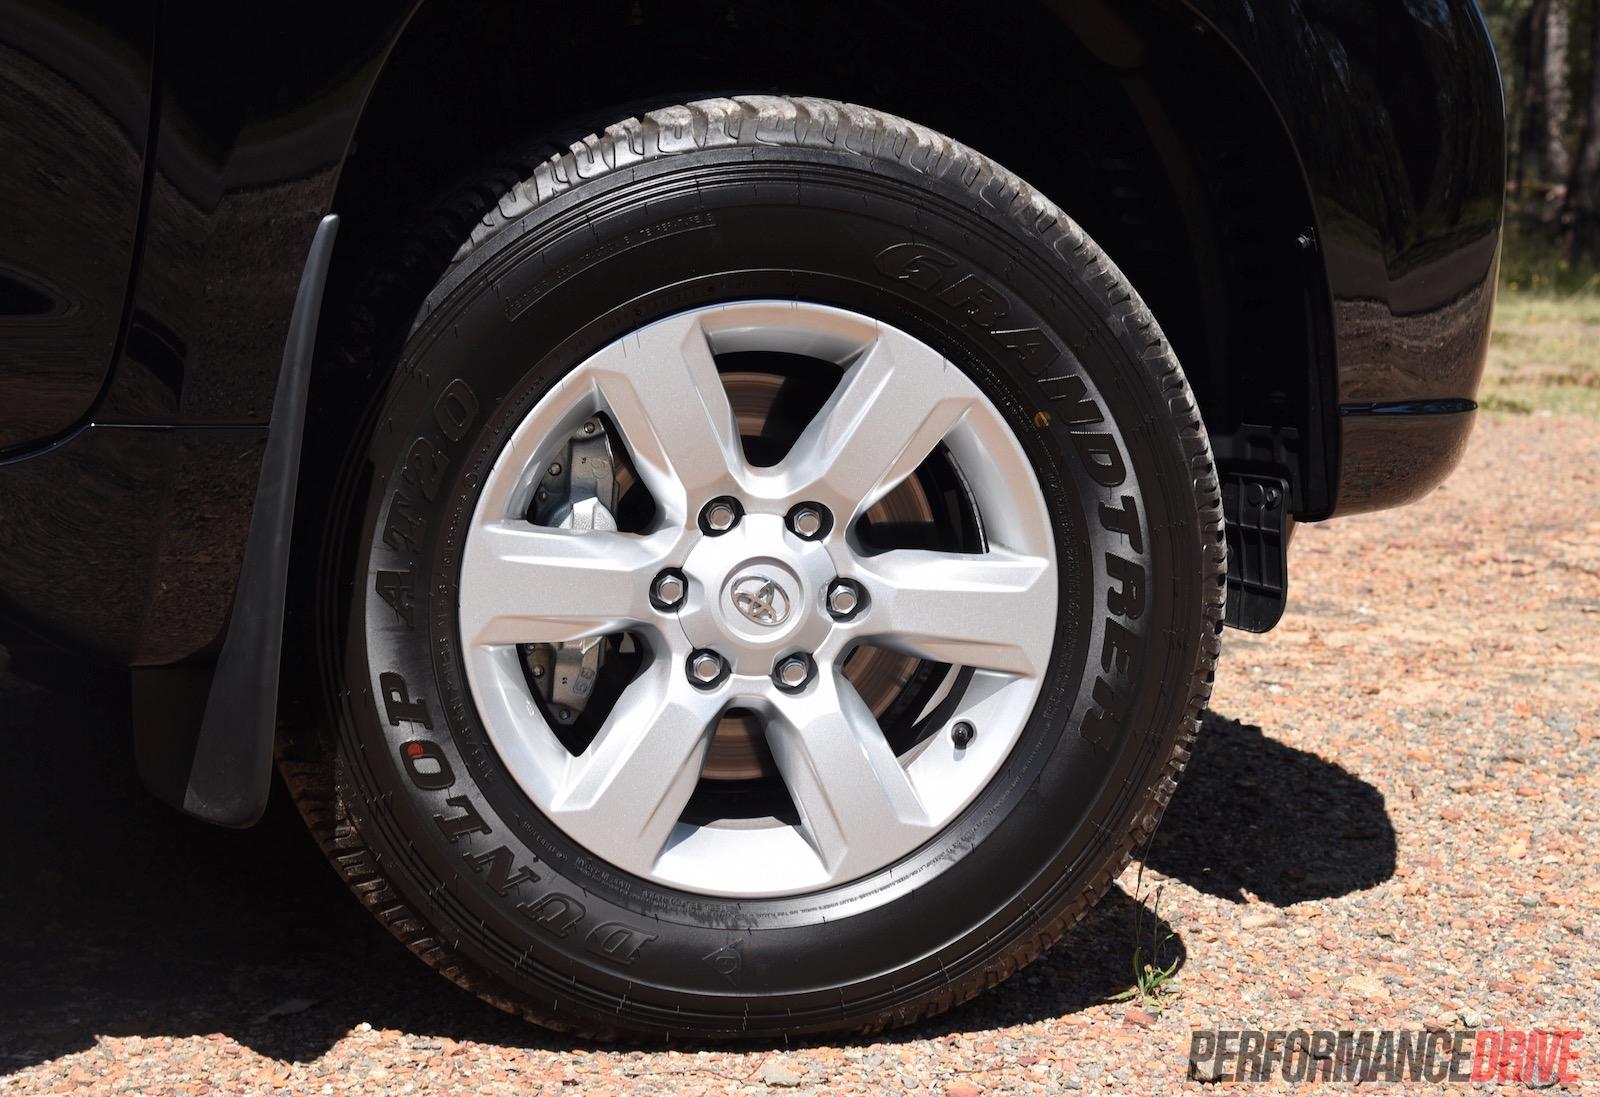 Toyota Landcruiser Prado Gxl In Wheels on Toyota Land Cruiser Diesel Engine